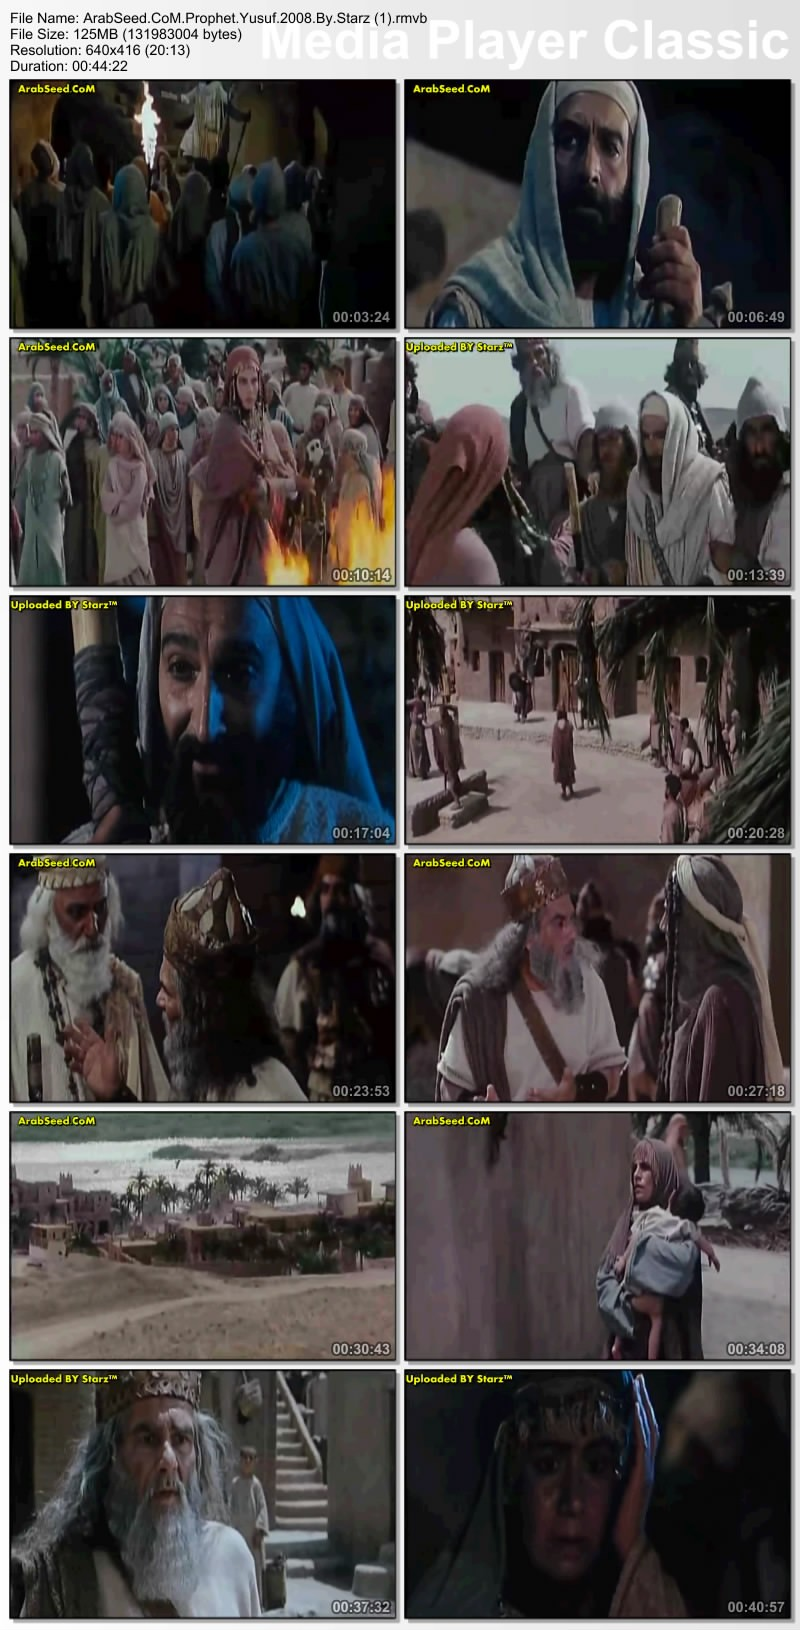 حصريا تحميل مسلسل يوسف الصديق DVDrip كامل  111110